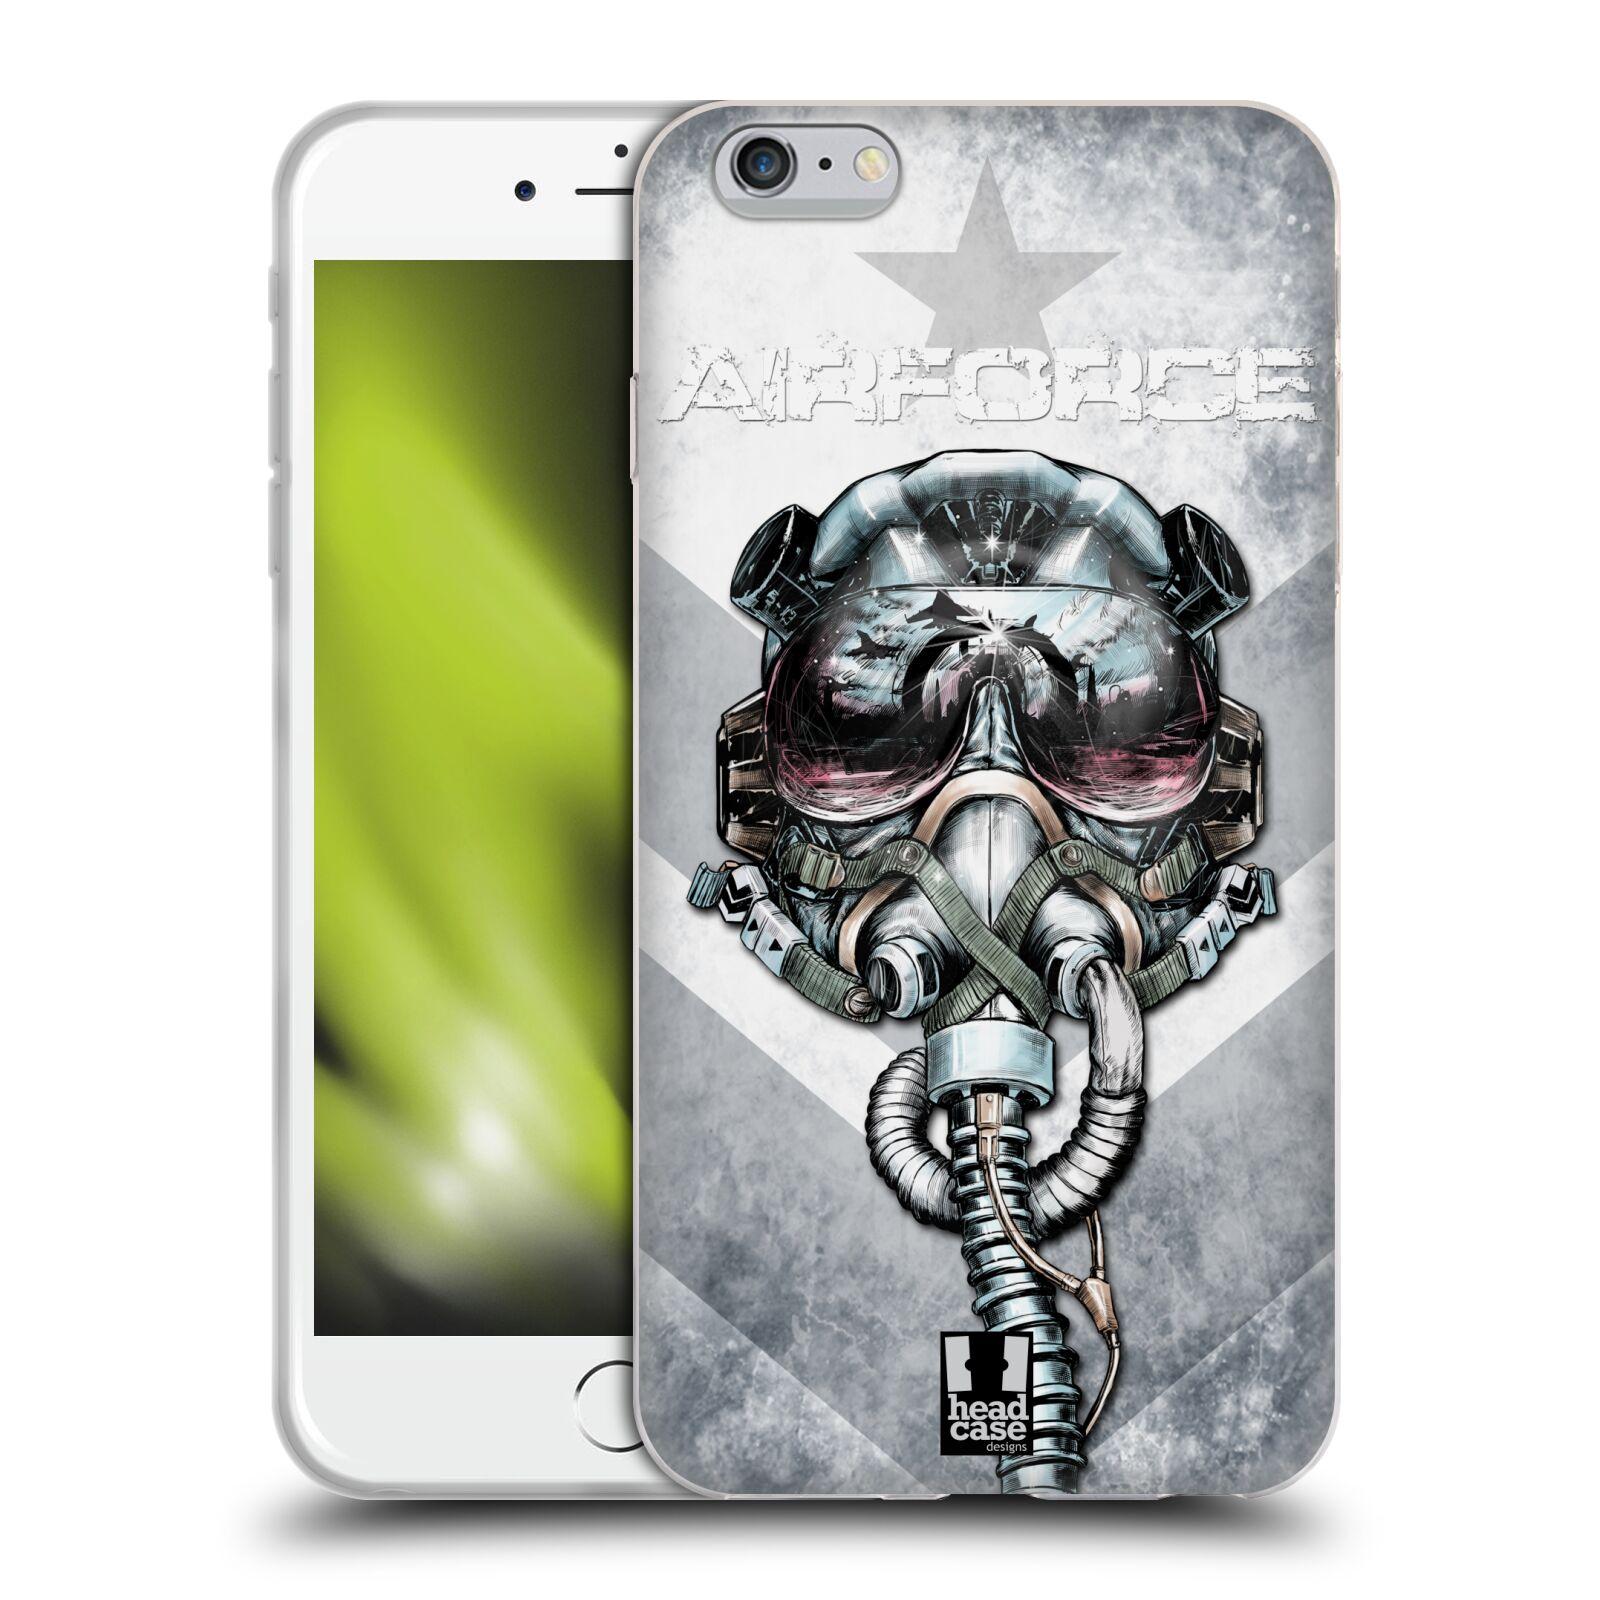 HEAD CASE silikonový obal na mobil Apple Iphone 6 PLUS/ 6S PLUS vzor Kovový vzhled zrozen k létání